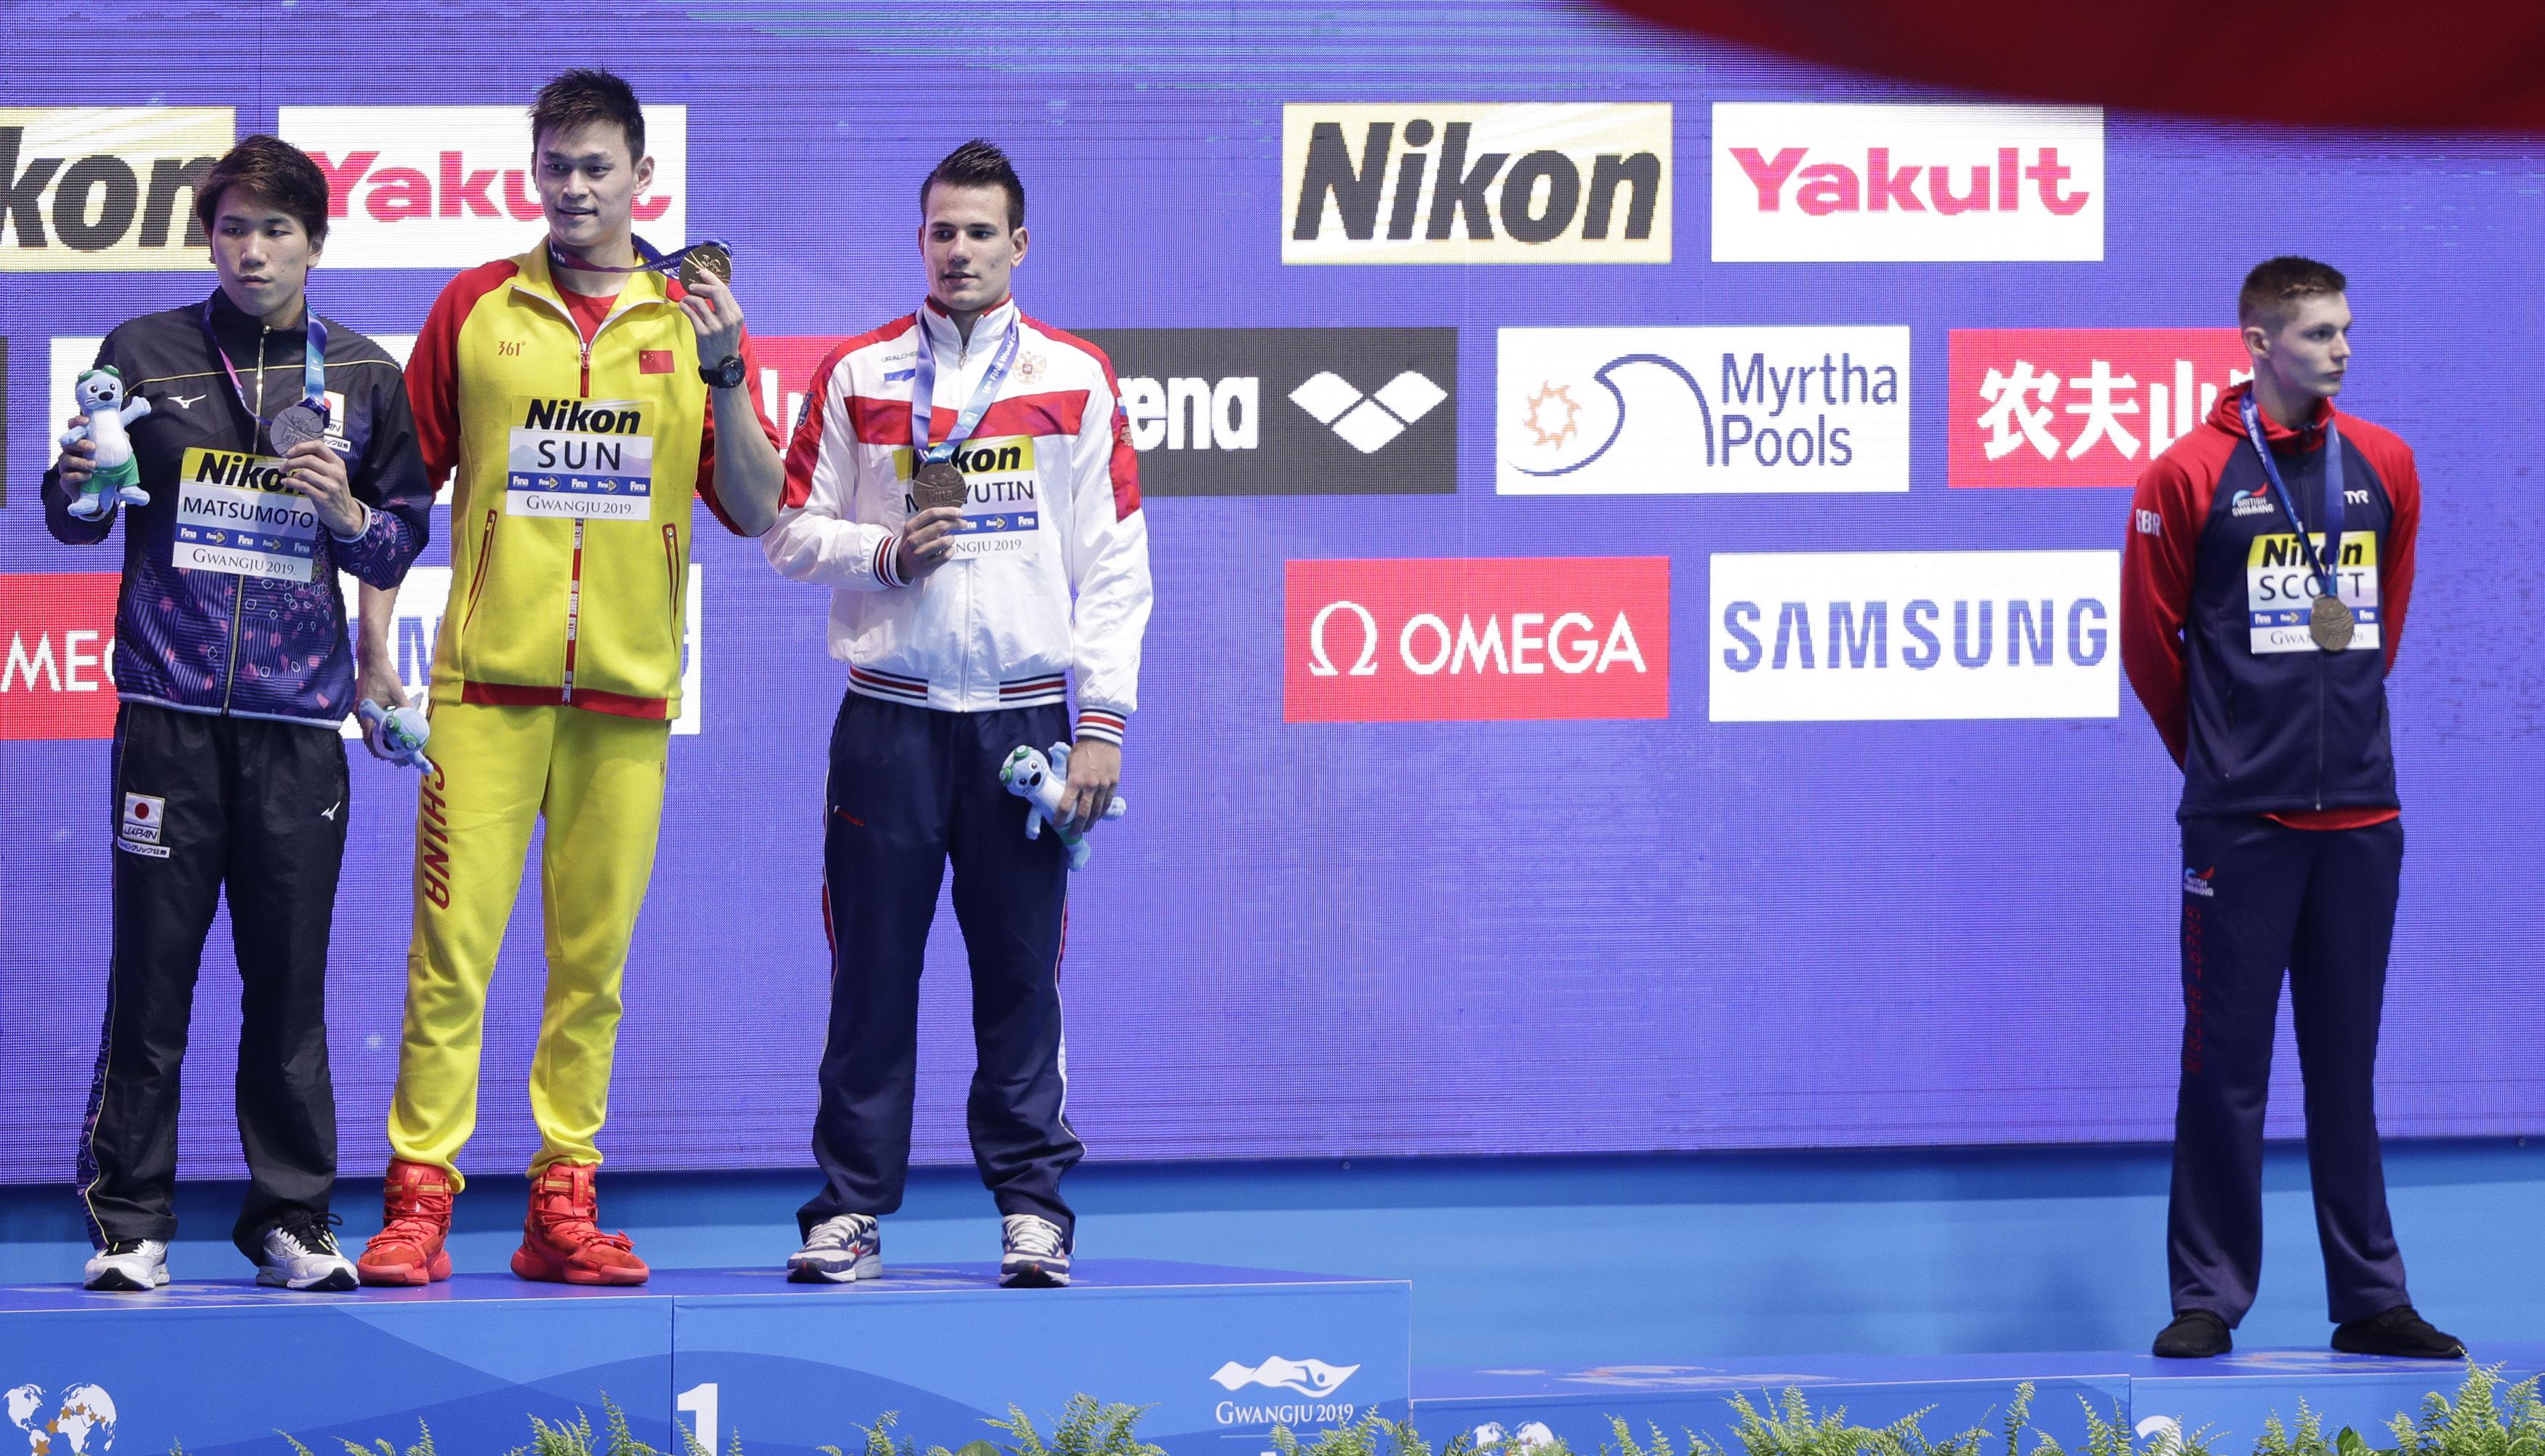 2019世界游泳錦標賽:英國選手史考特拒與有禁藥黑歷史的中國選手孫楊同台(AP)